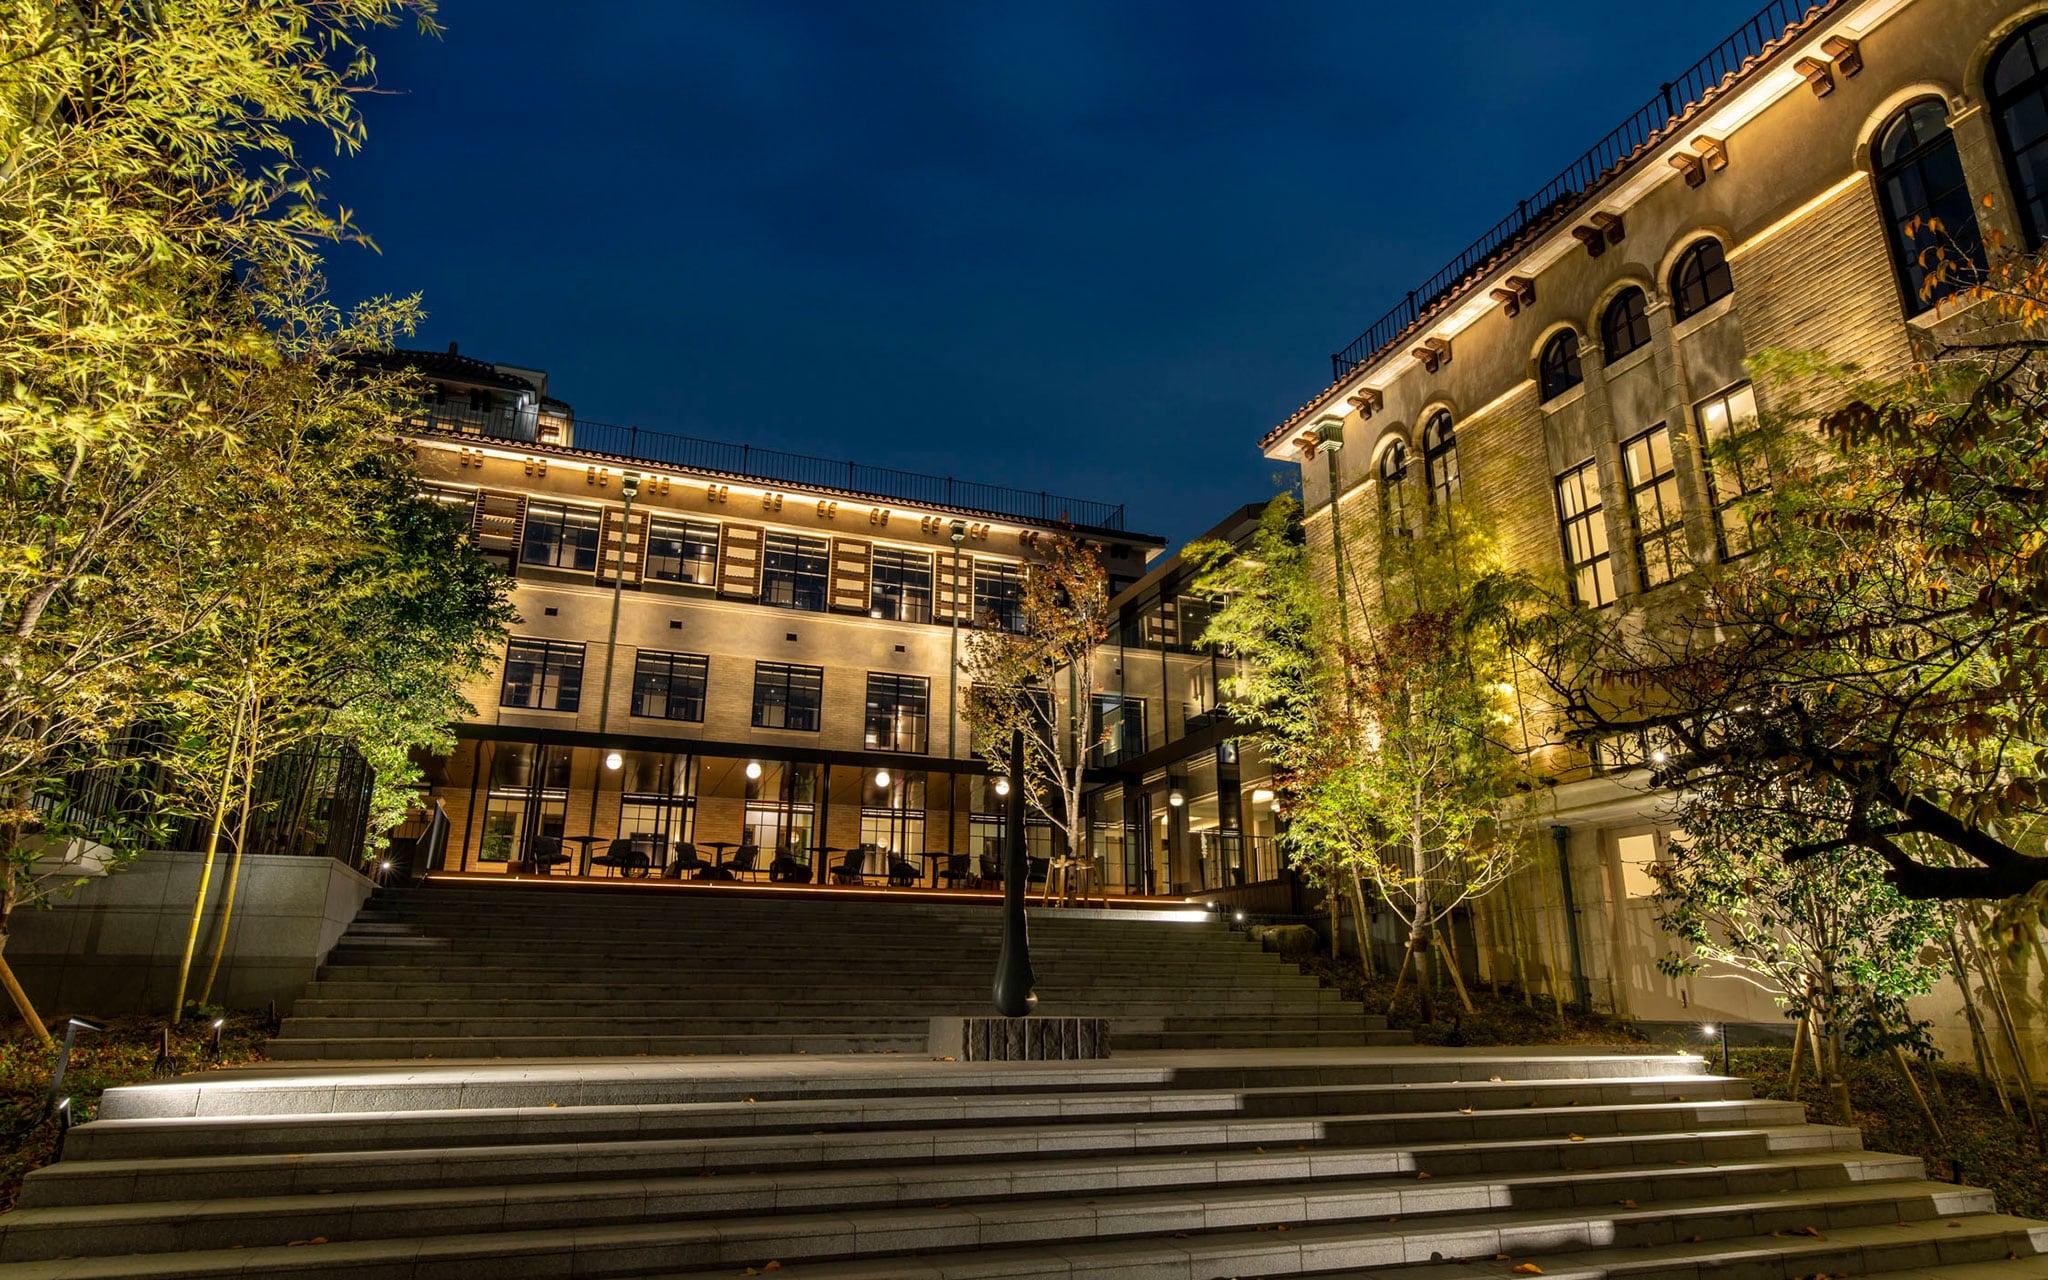 CREA Traveller WEBメンバー限定 <br />「ザ・ホテル青龍 京都清水」 <br />ペア宿泊券を1組様にプレゼント